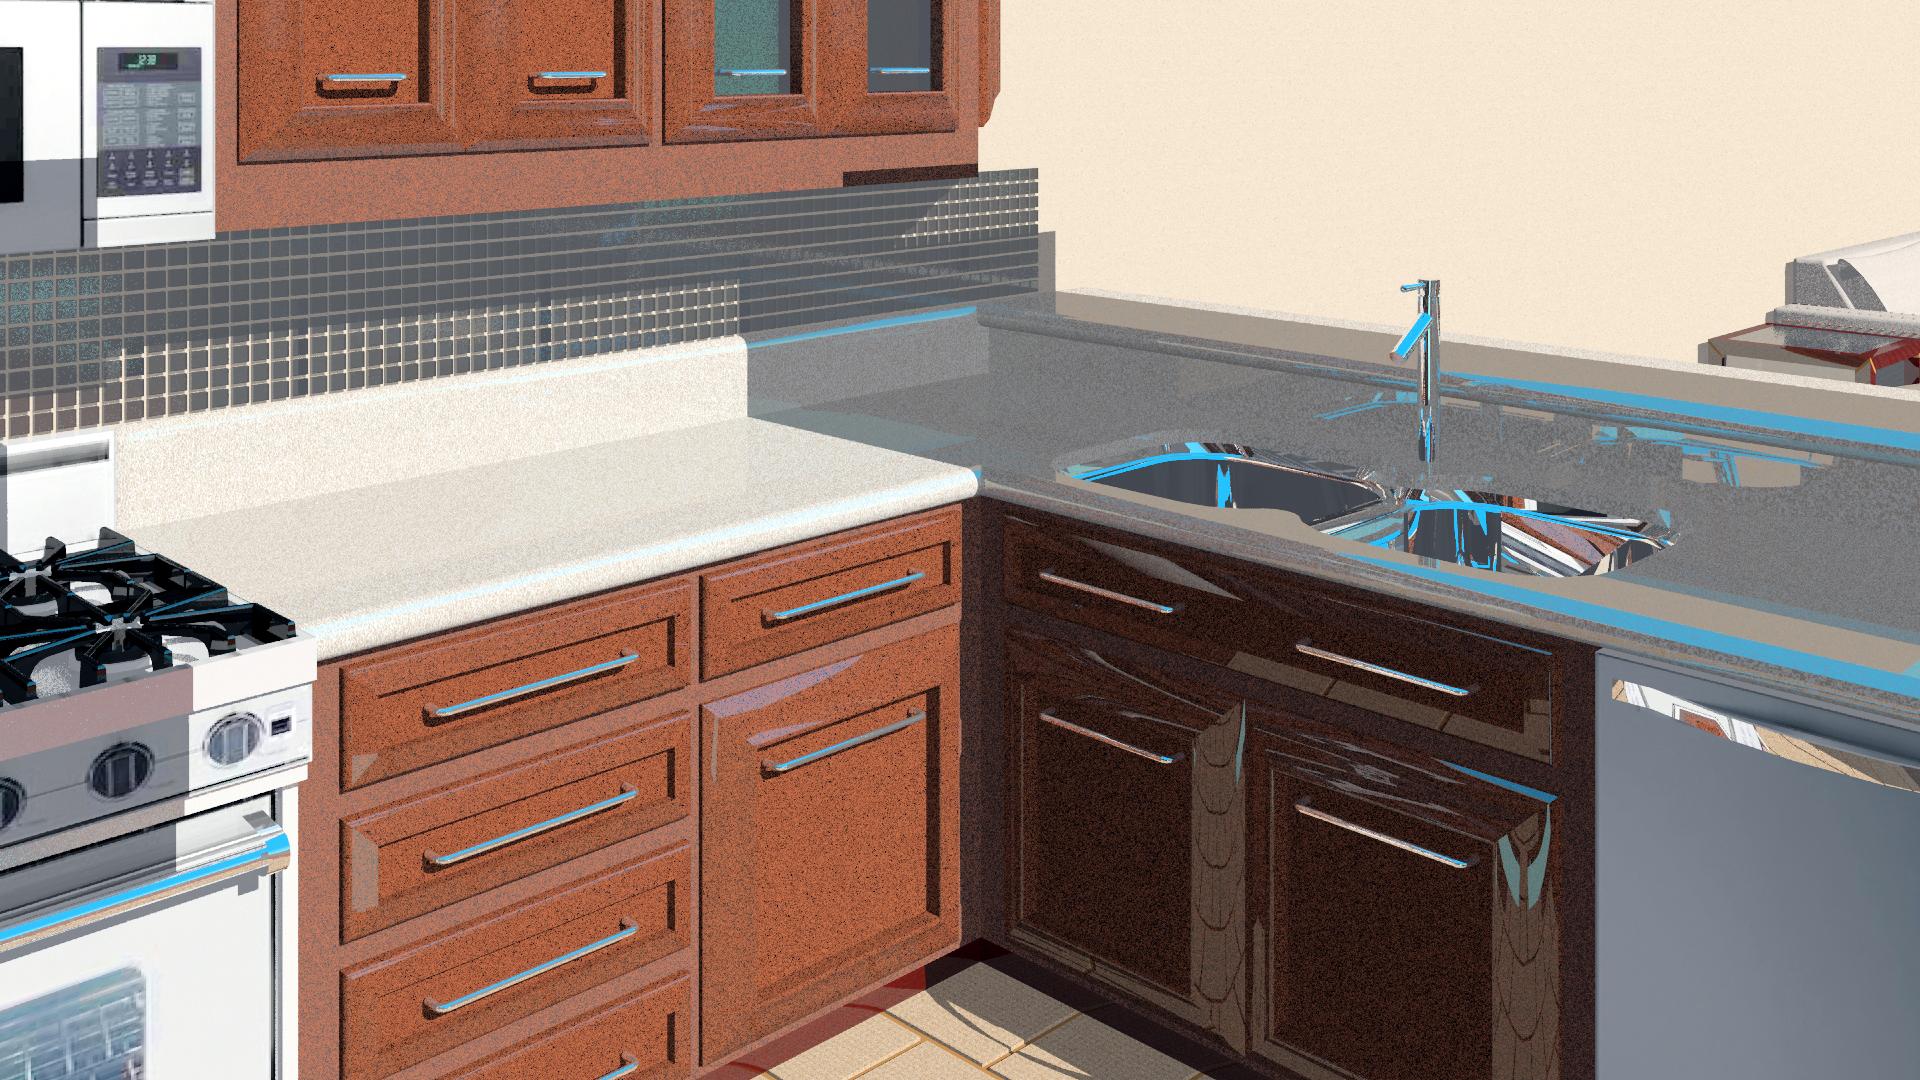 Sunn Starr Architectural Interior Design Services